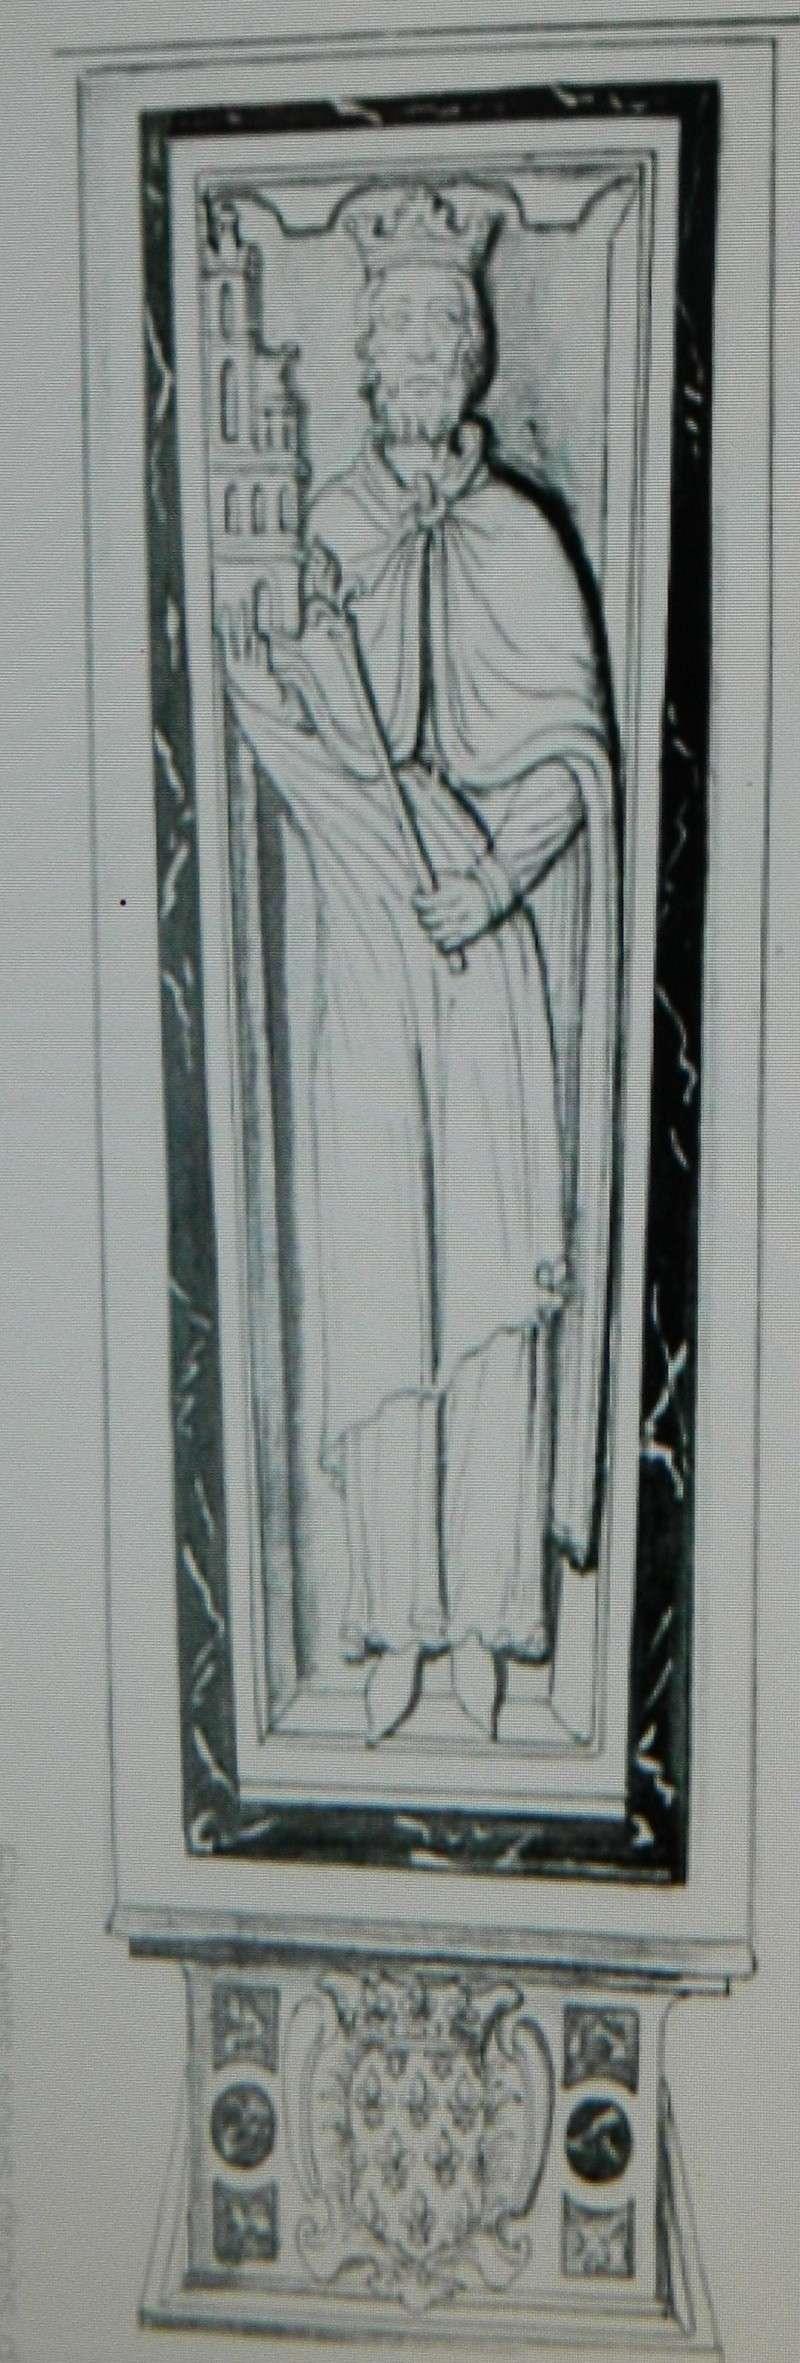 Les tombeaux mérovingiens de Saint-Germain-des-Prés Dscn5012